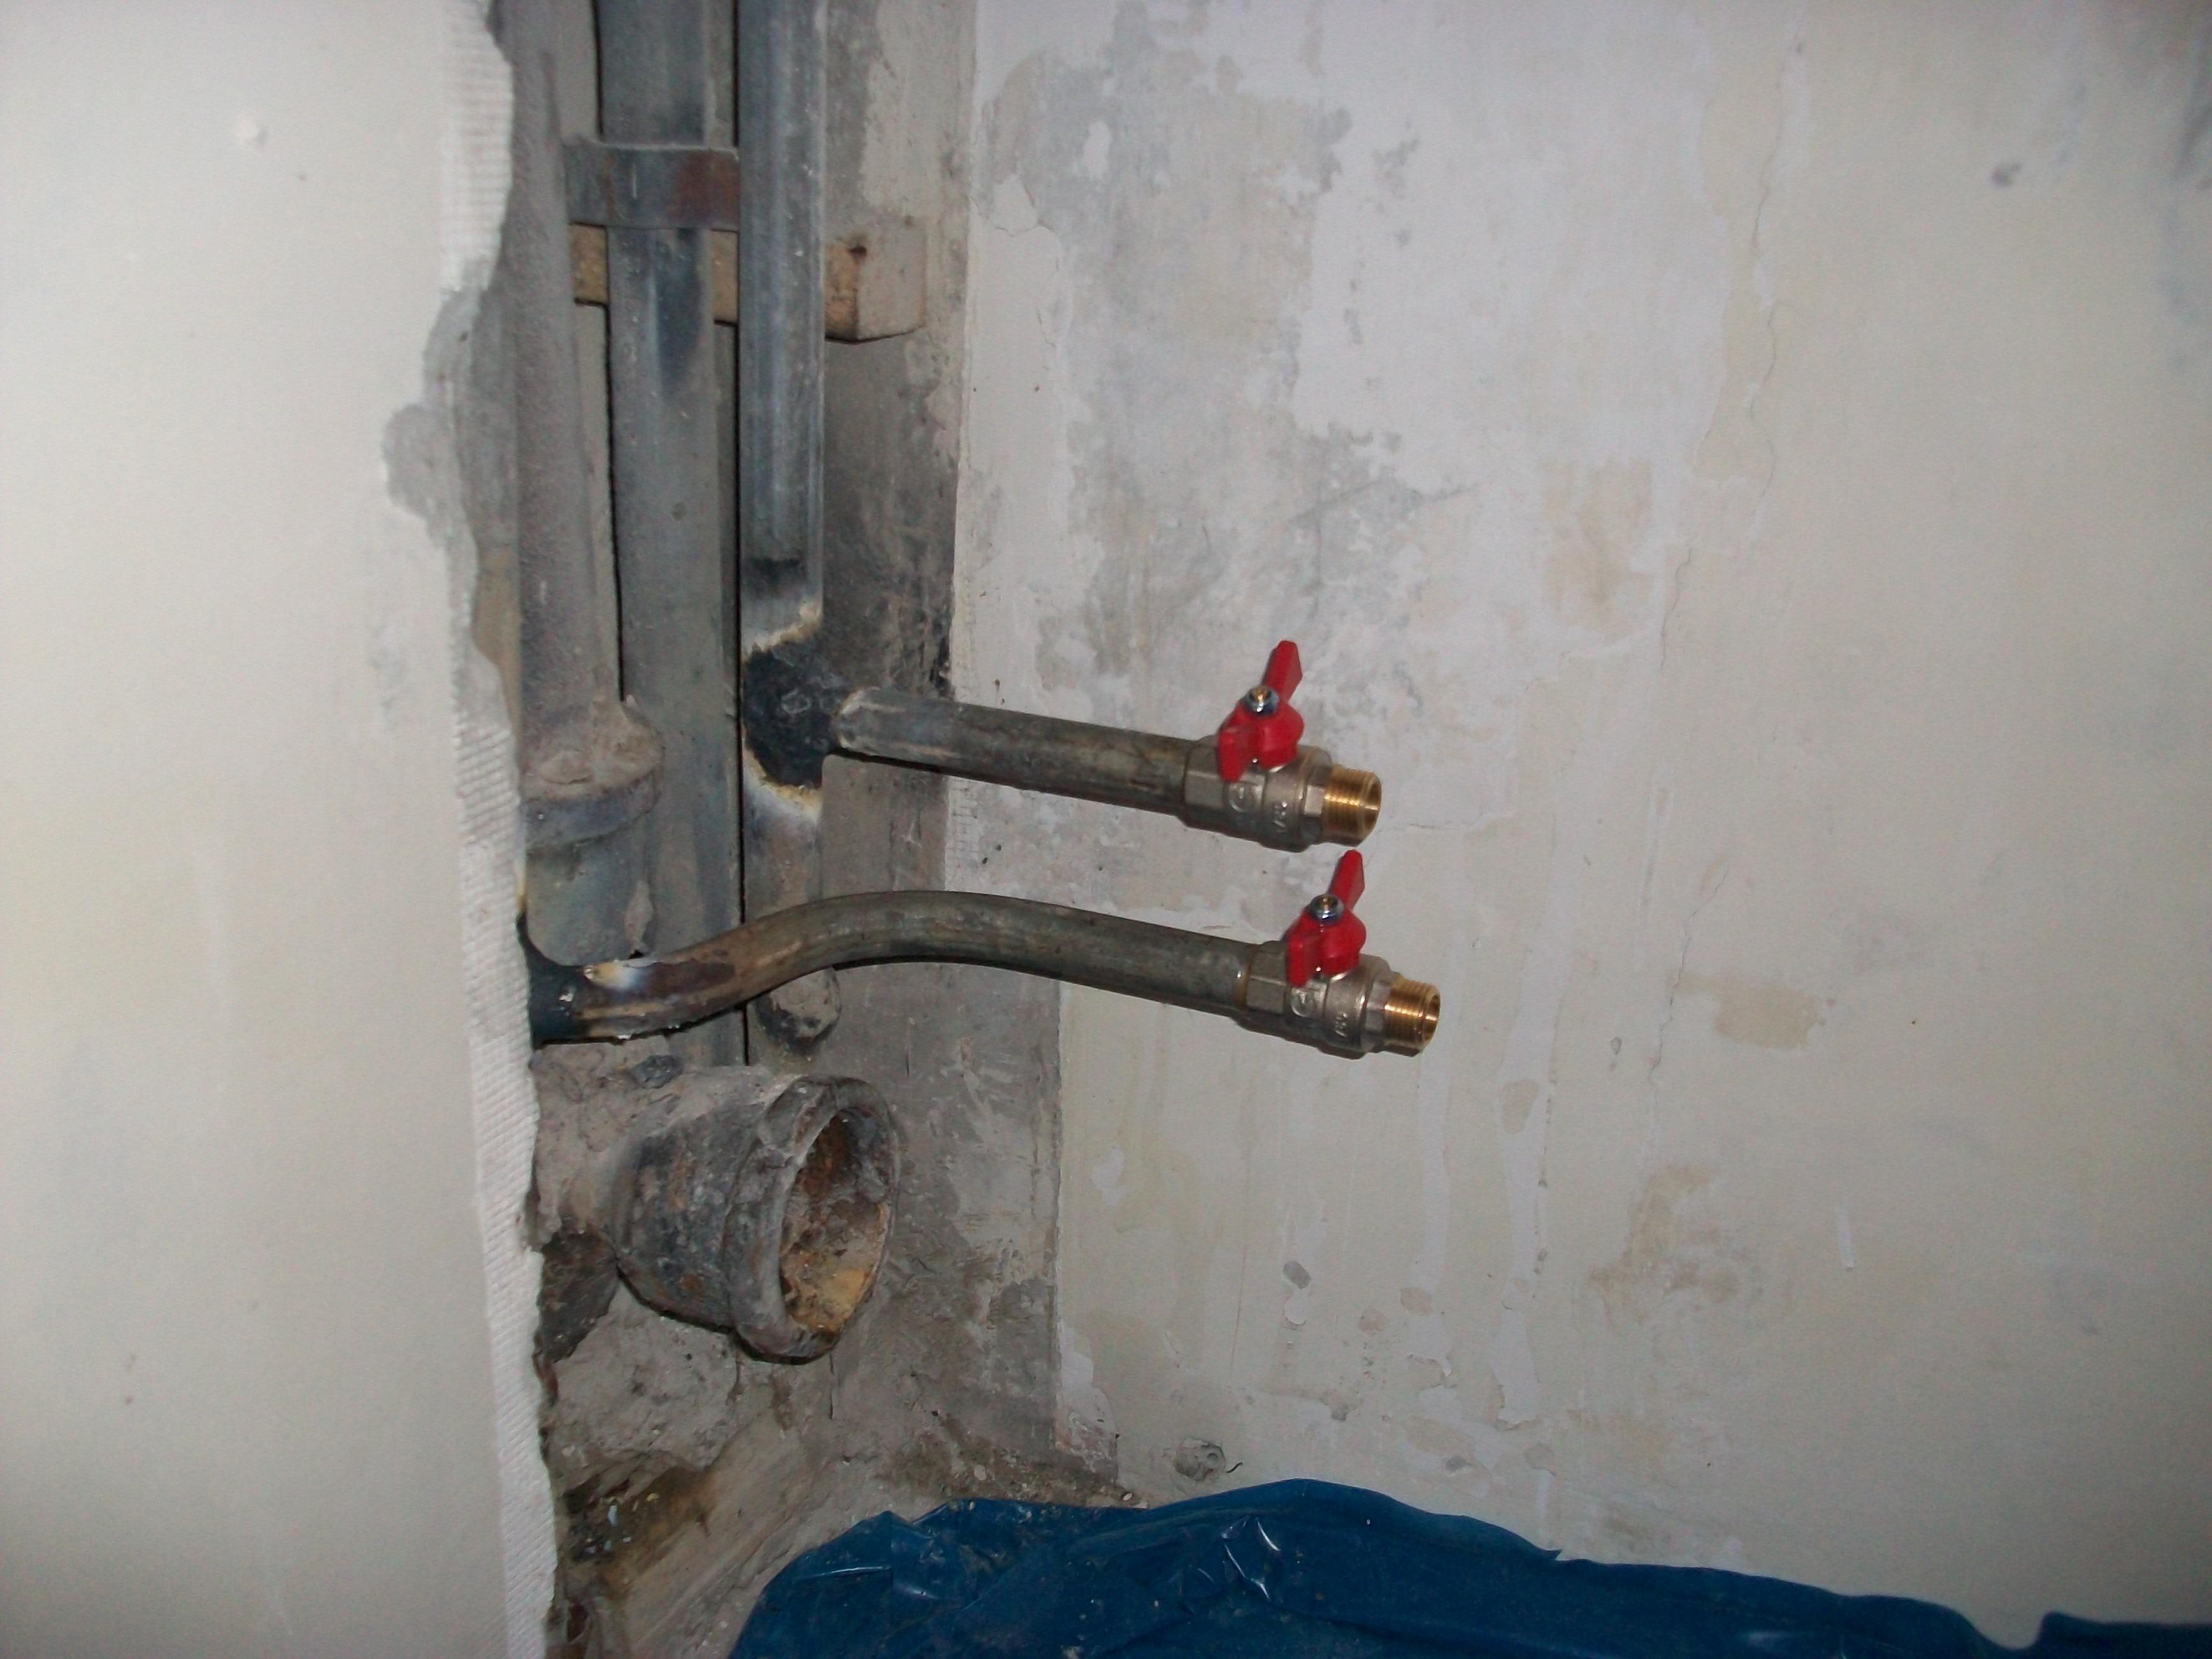 замена стояка канализации в квартире своими руками - Всё делаем сами